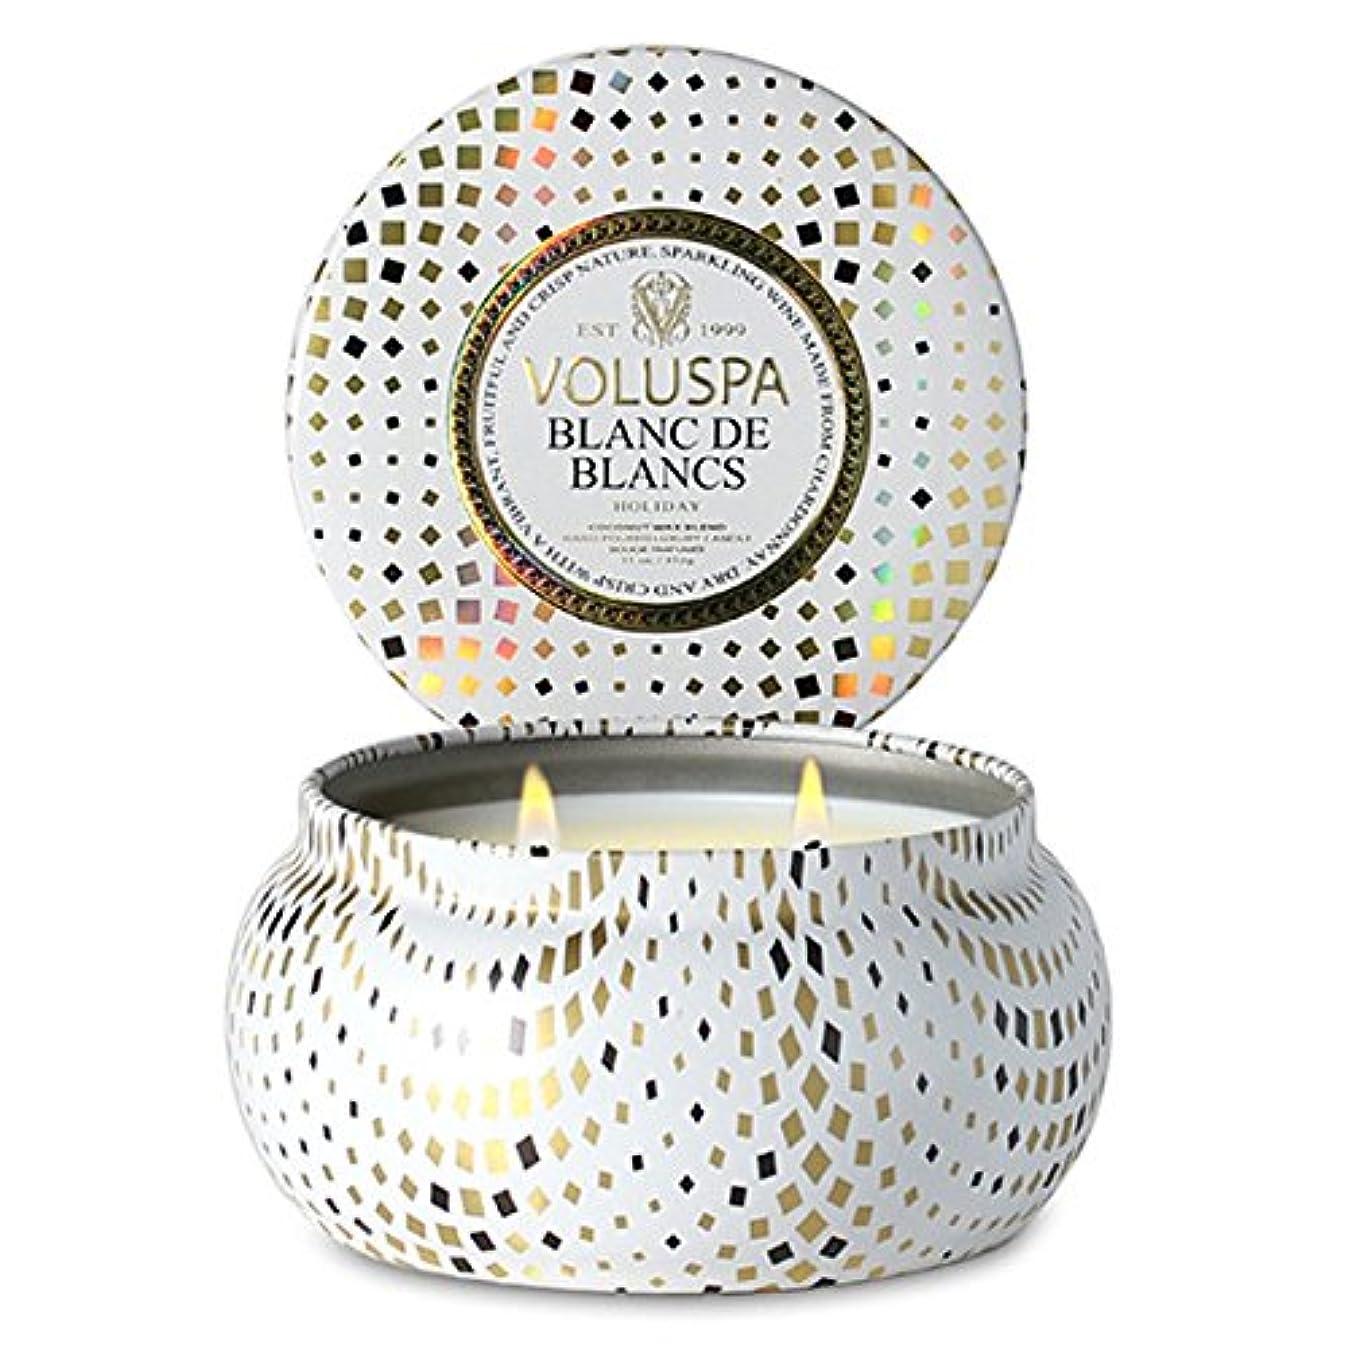 浴室発揮する草Voluspa ボルスパ メゾンホリデー 2-Wick ティンキャンドル ブラン ド ブラン BLANC DE BLANCS MASION HOLIDAY 2-ウィック Tin Glass Candle